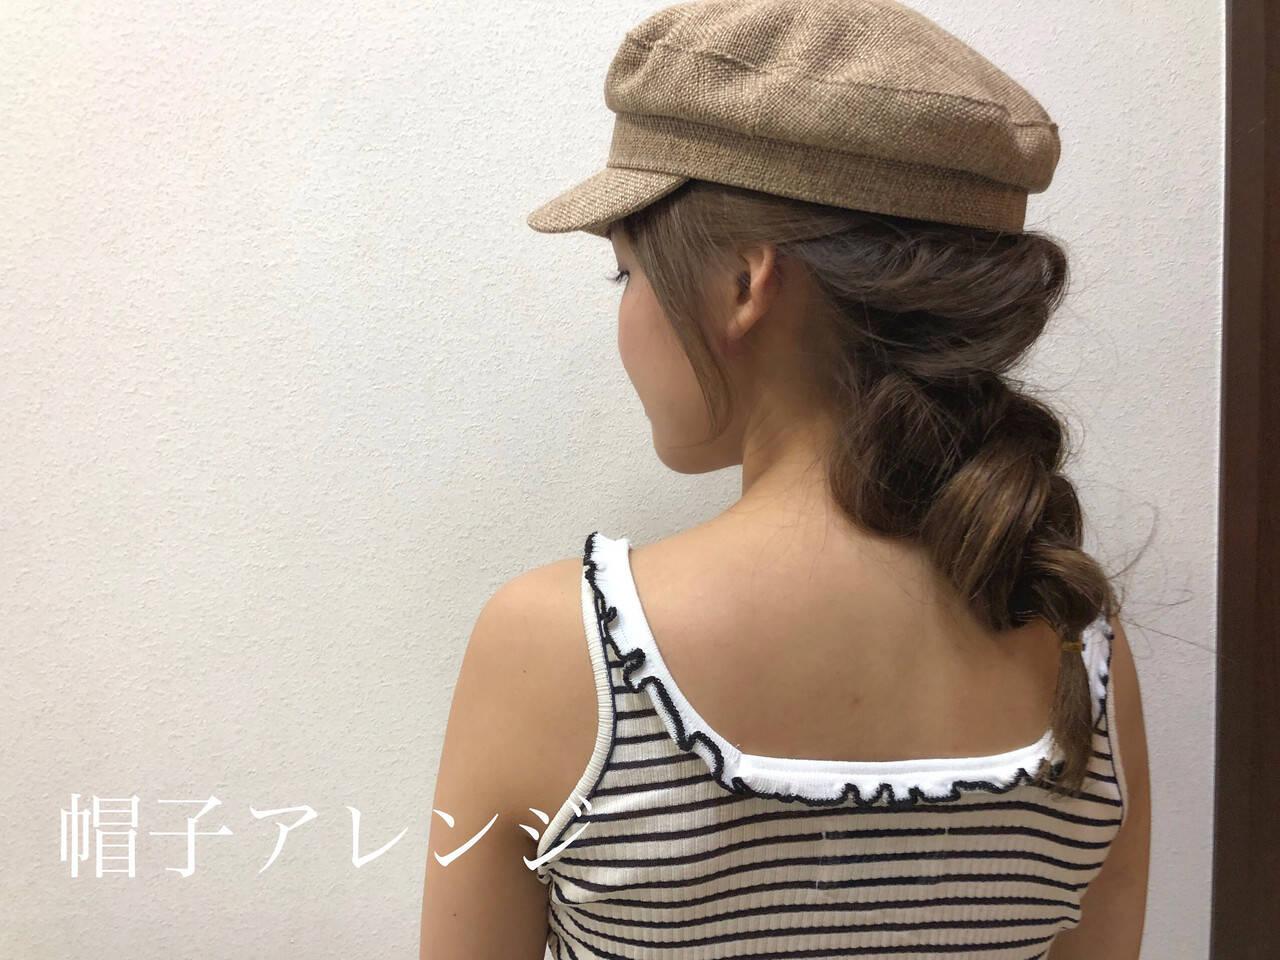 ヘアアレンジ デート 簡単ヘアアレンジ 編み込みヘアヘアスタイルや髪型の写真・画像